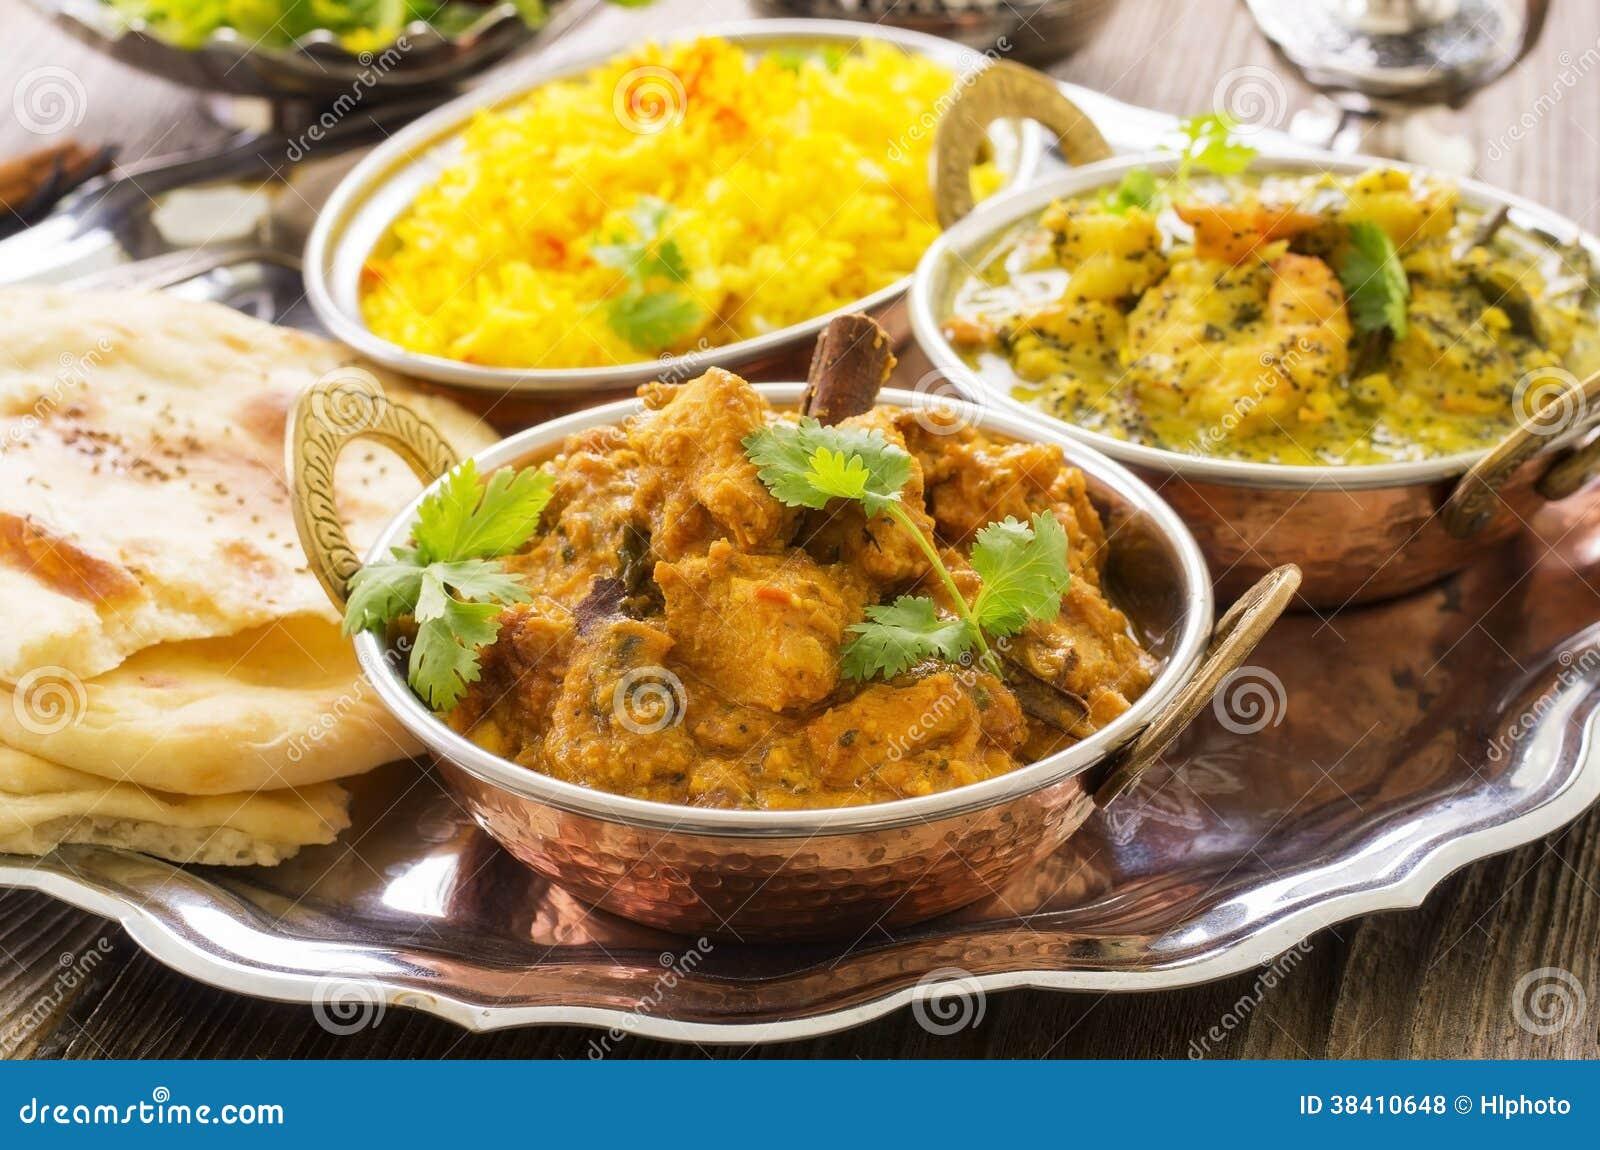 indische küche lizenzfreie stockfotos - bild: 38410648